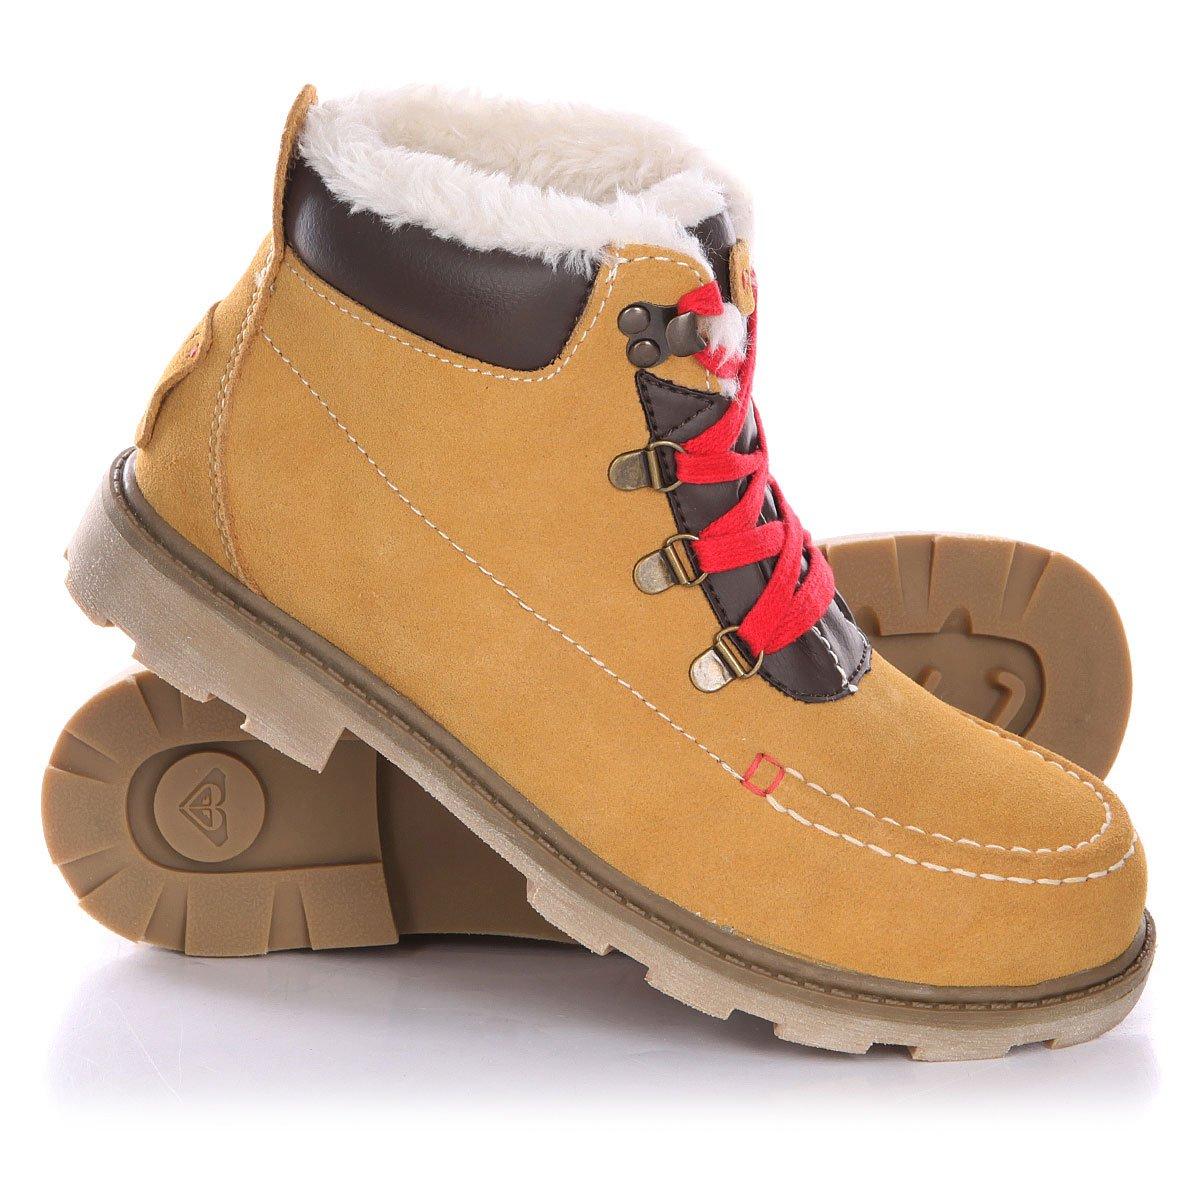 51bba4739c51 Купить ботинки зимние женские Roxy Greta J Boot Tan (ARJB700245-TAN ...